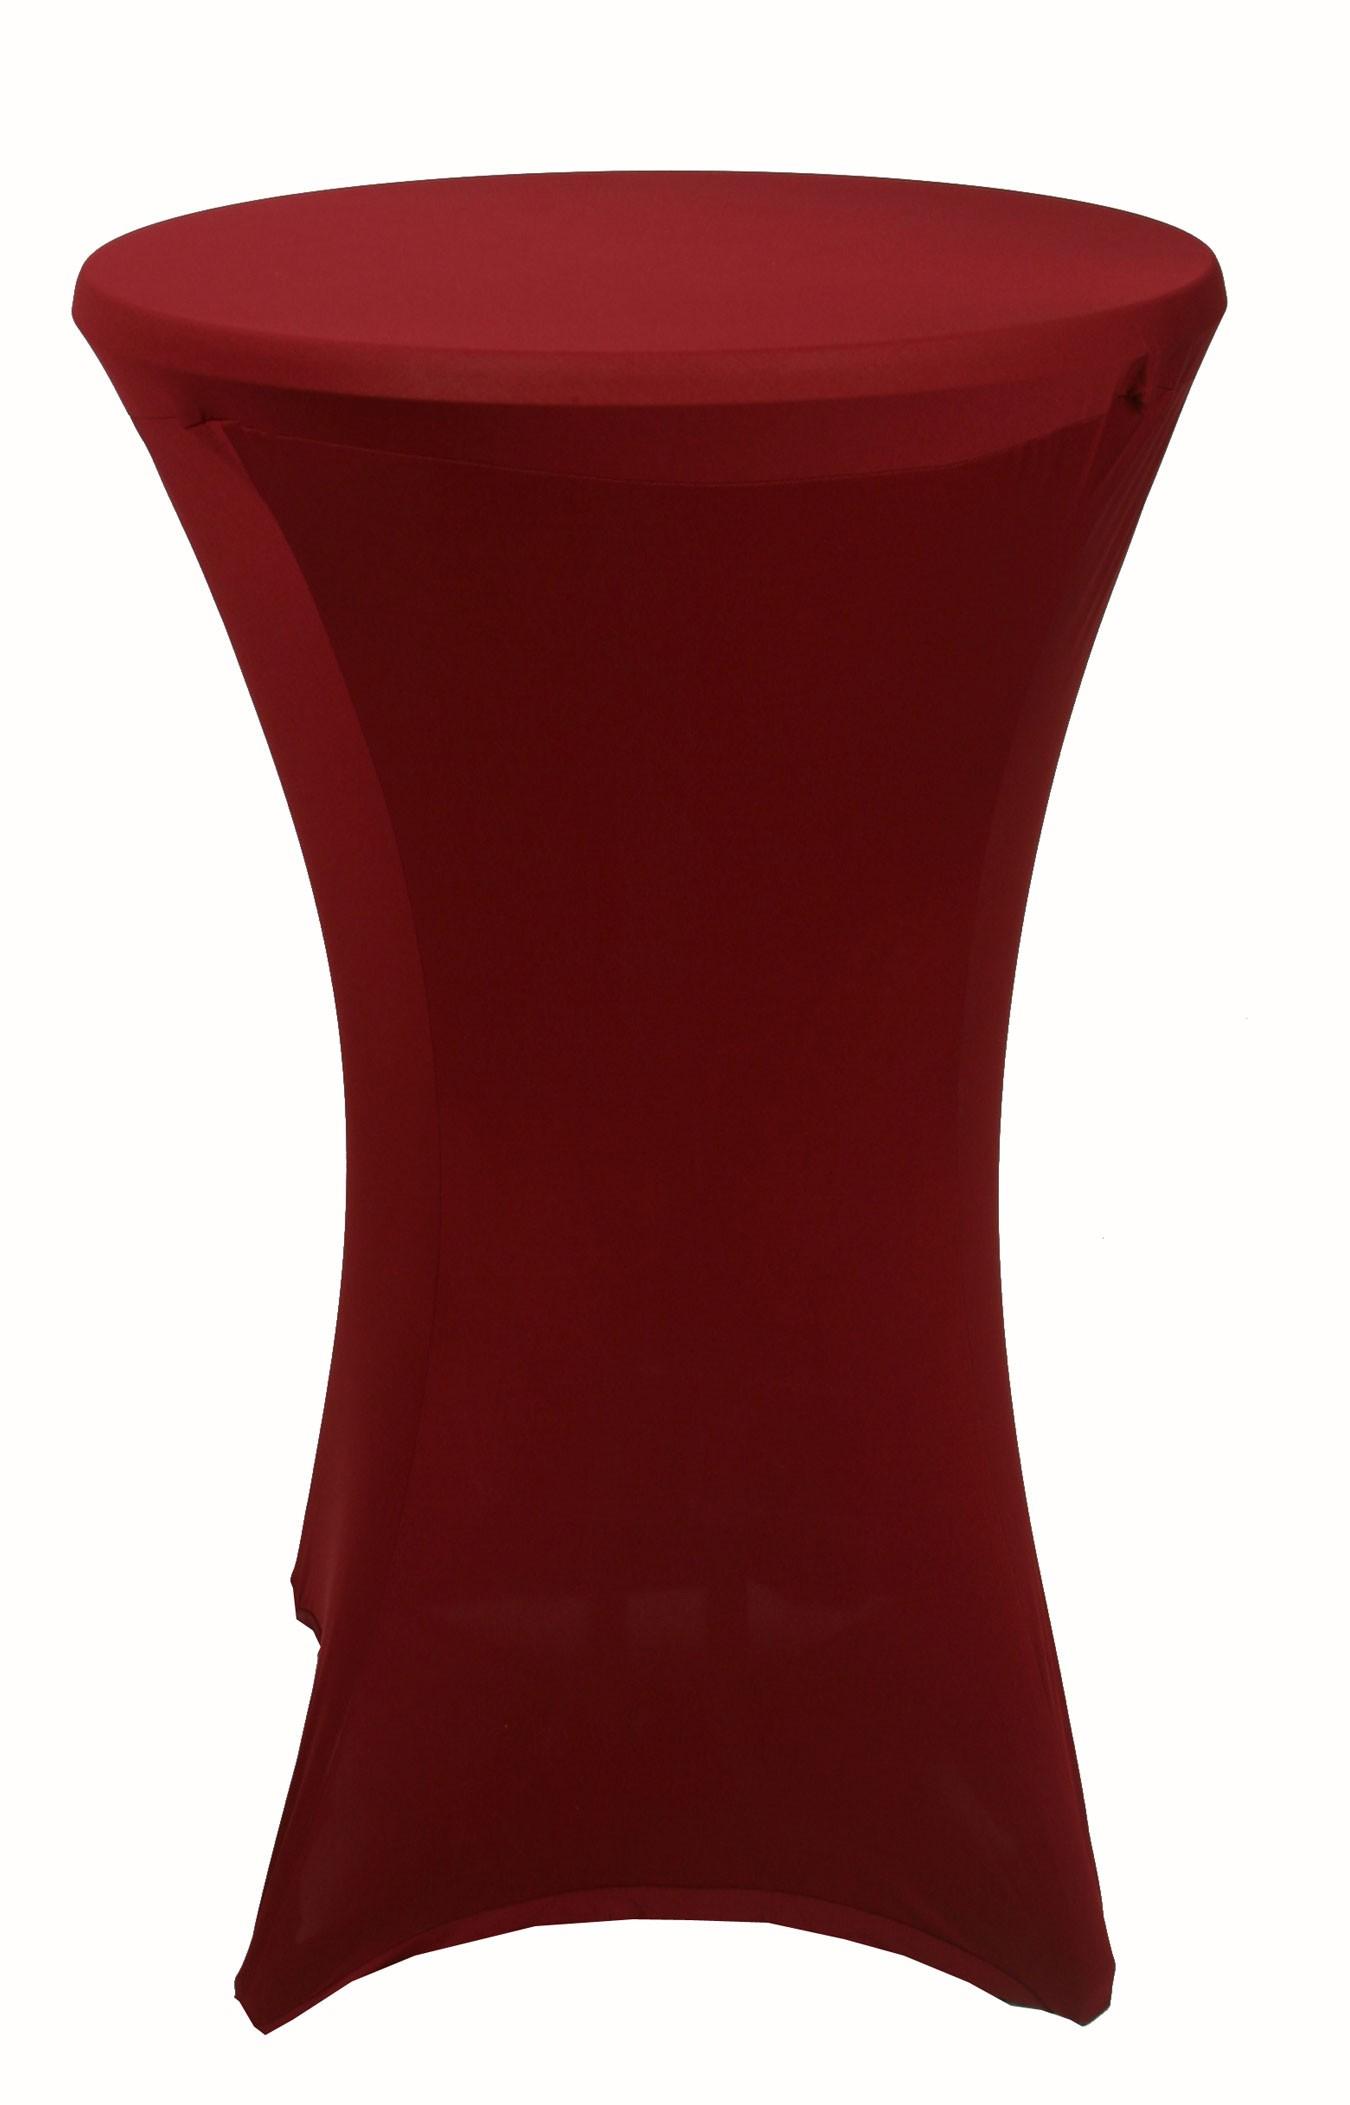 Spannhusse GO-DE für Stehtisch bis Ø 70 cm Dessin 1130 Bild 1